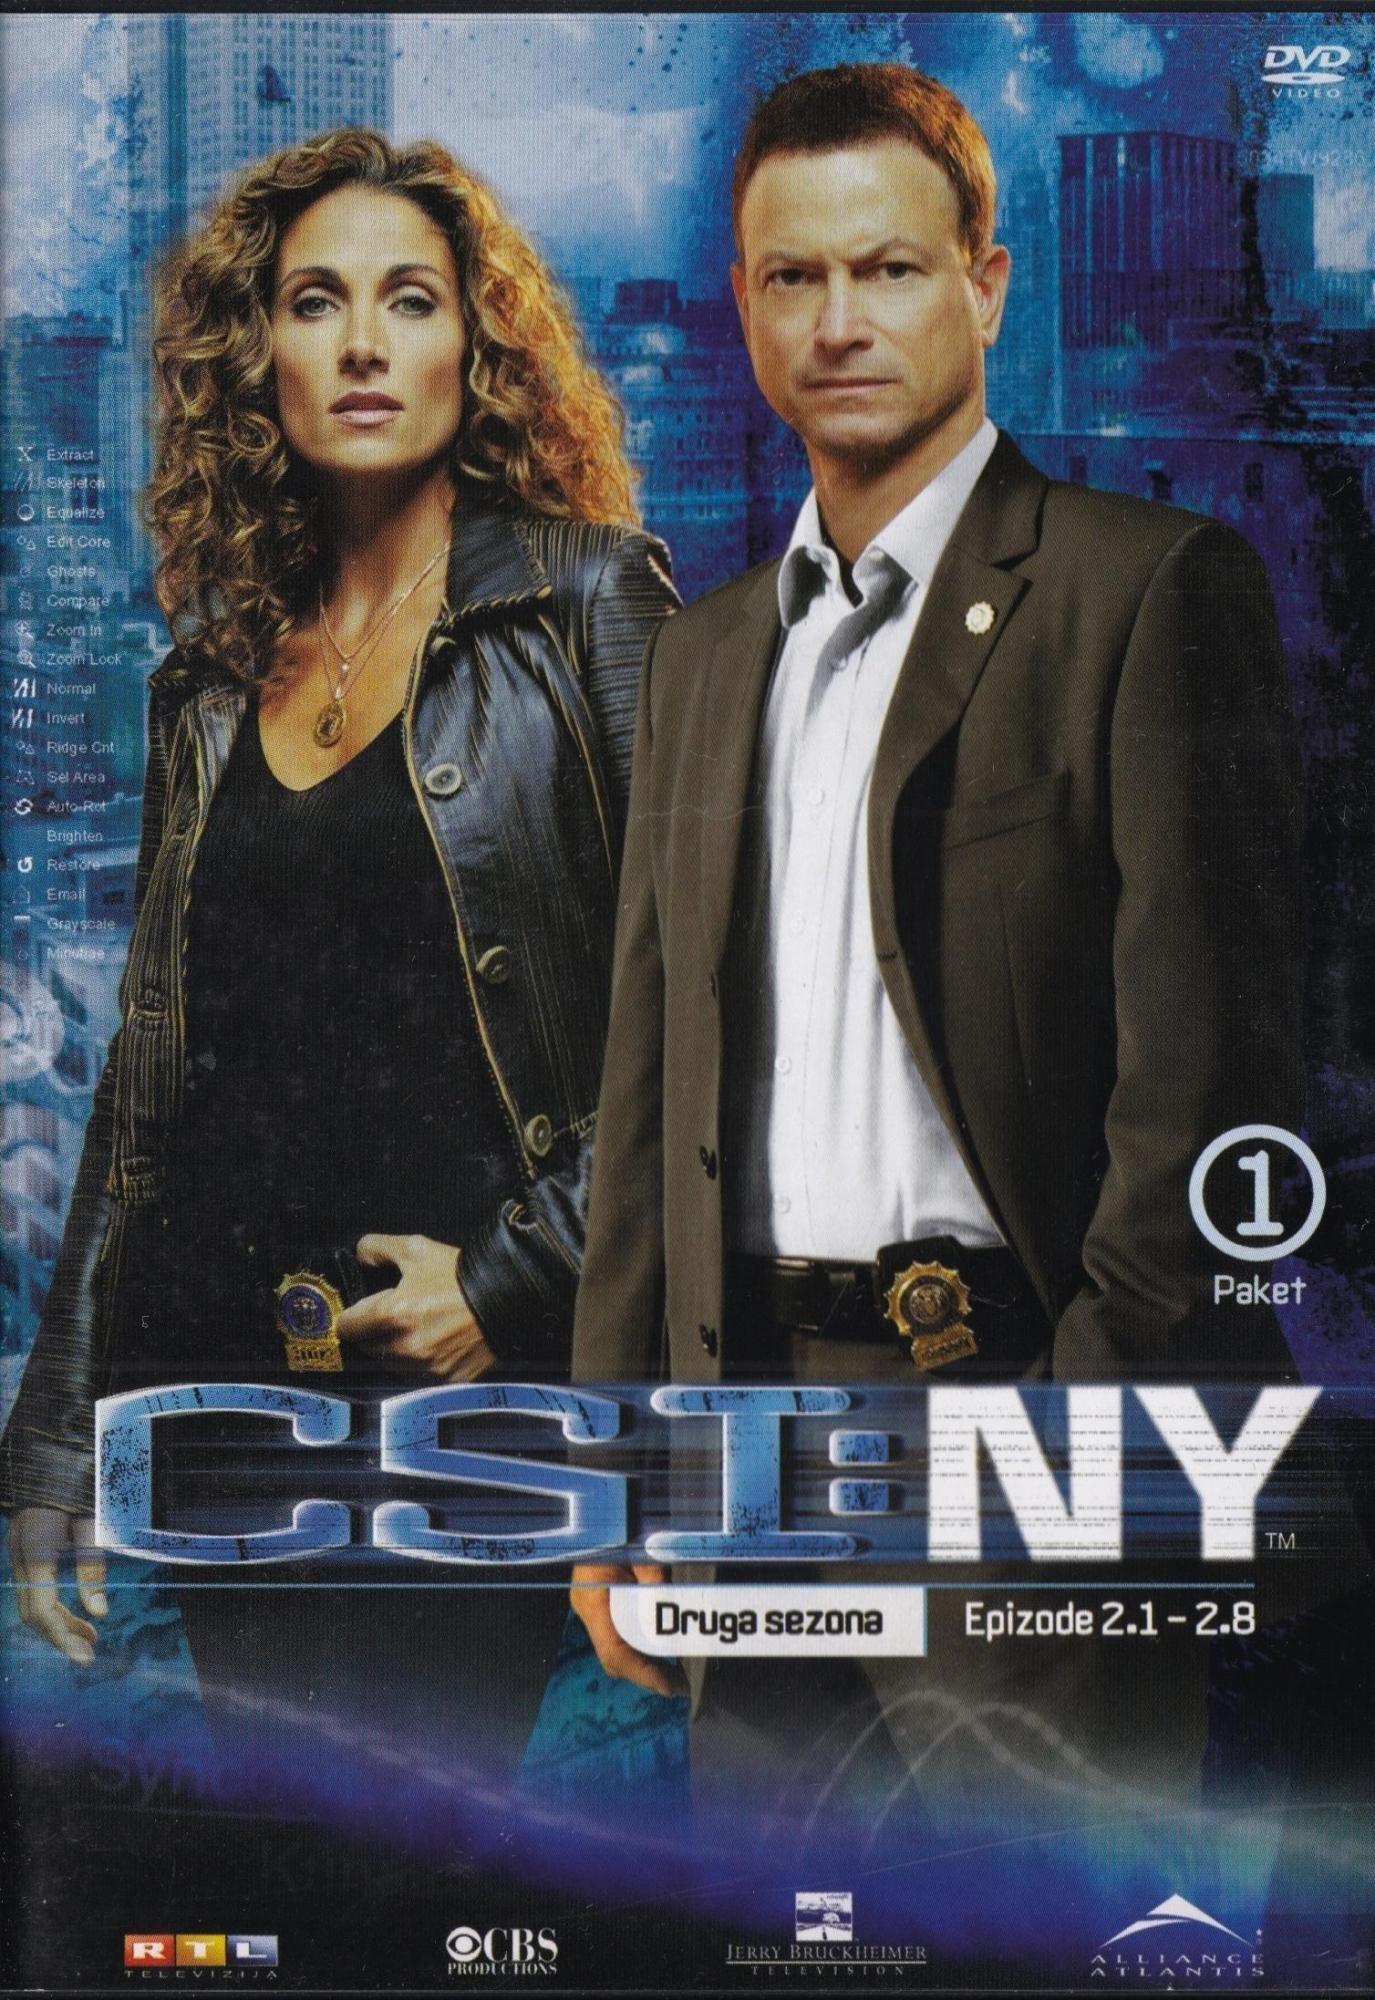 Csi New York - Druga Sezona - Epizode 1-8 - Gary Sinise